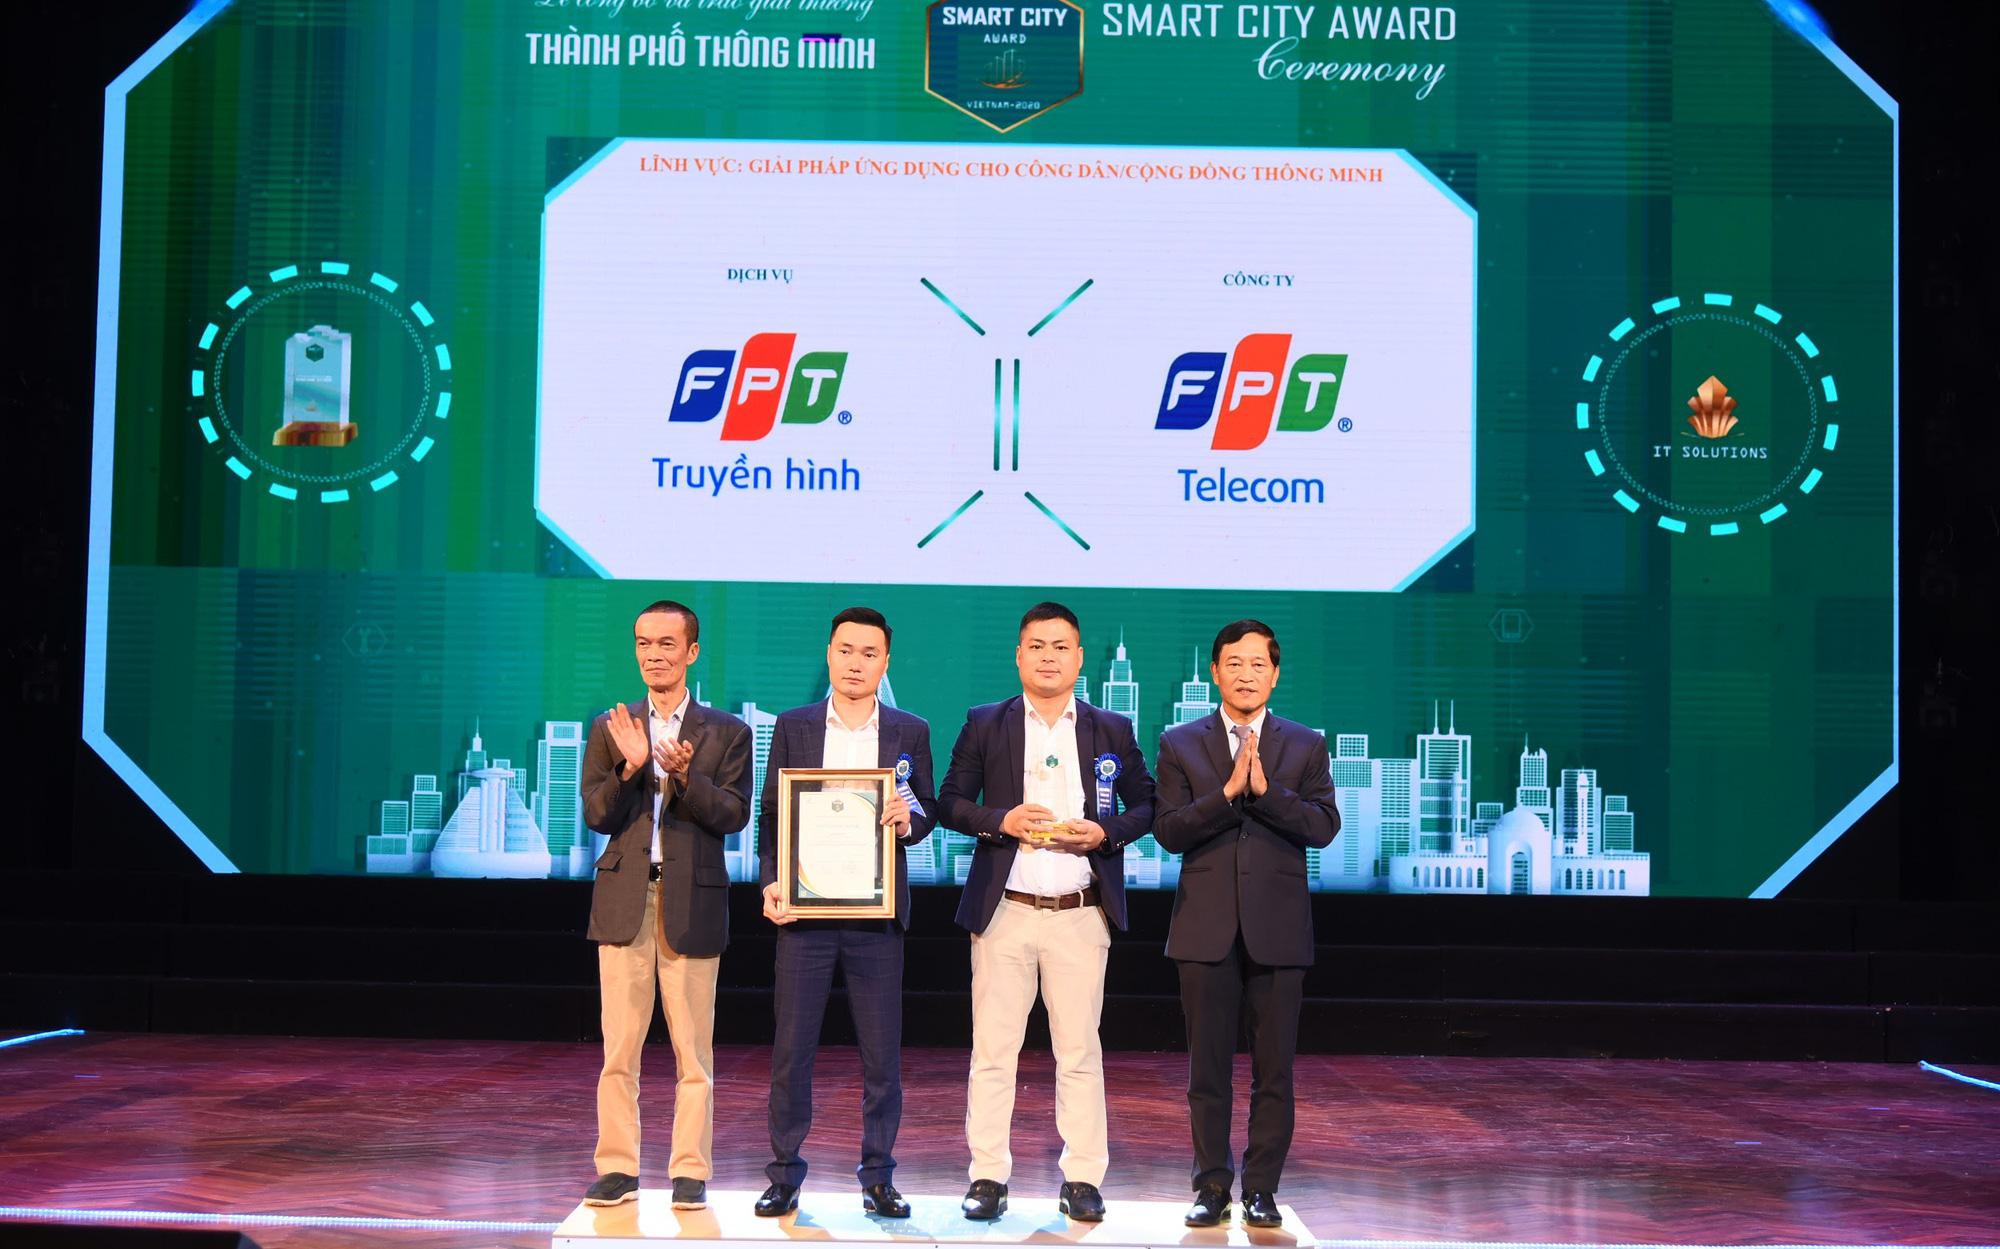 """Truyền hình FPT nhận giải thưởng """"Thành phố thông minh 2020"""""""